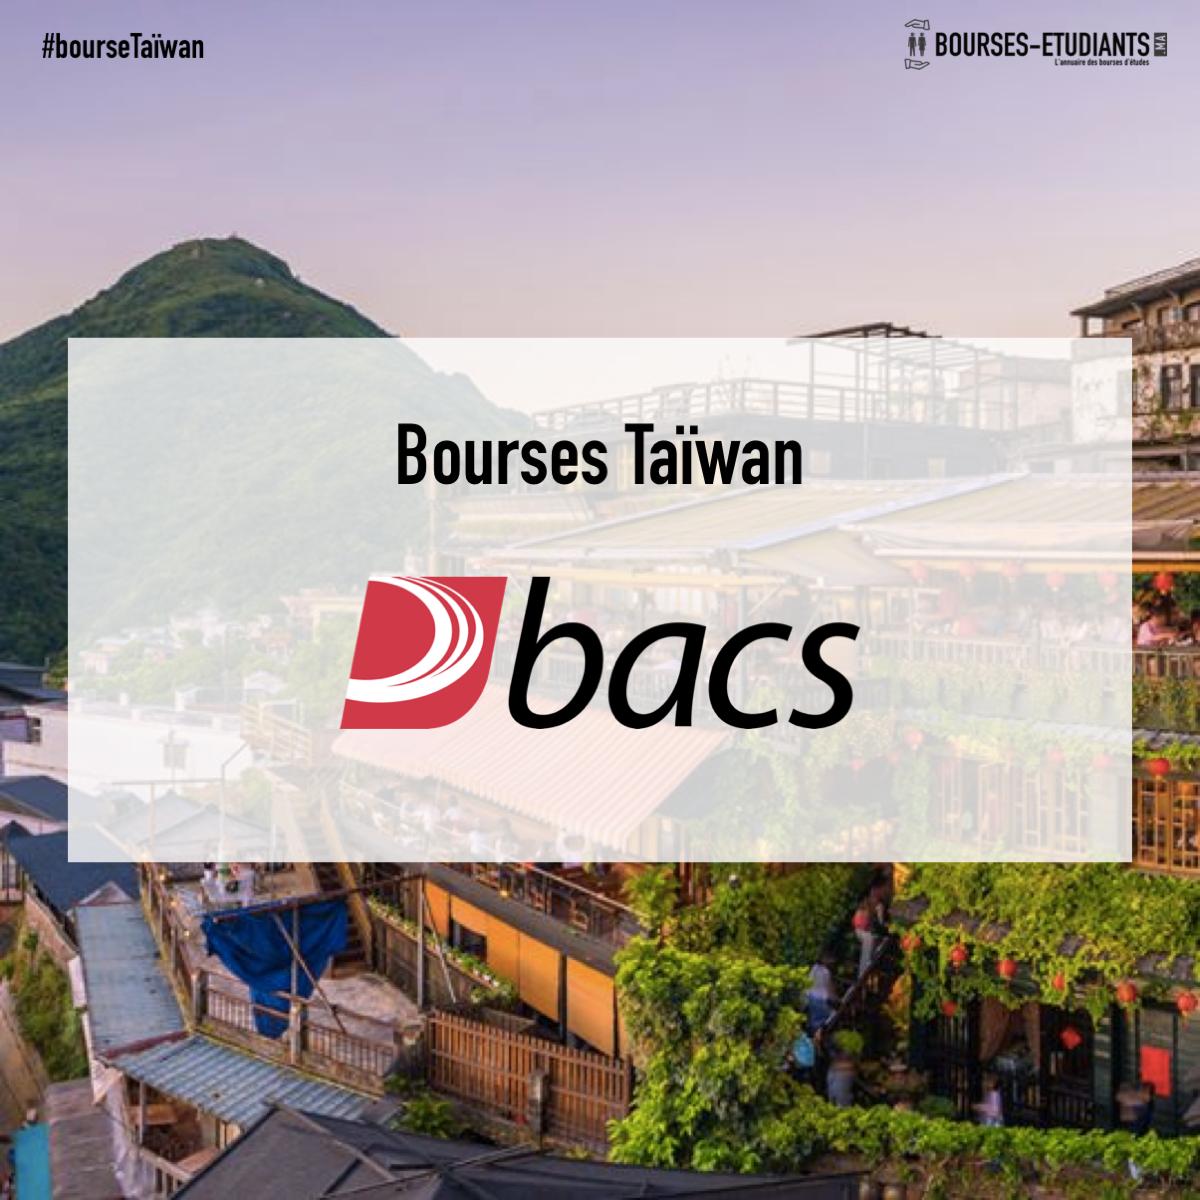 Bourse Taiwan